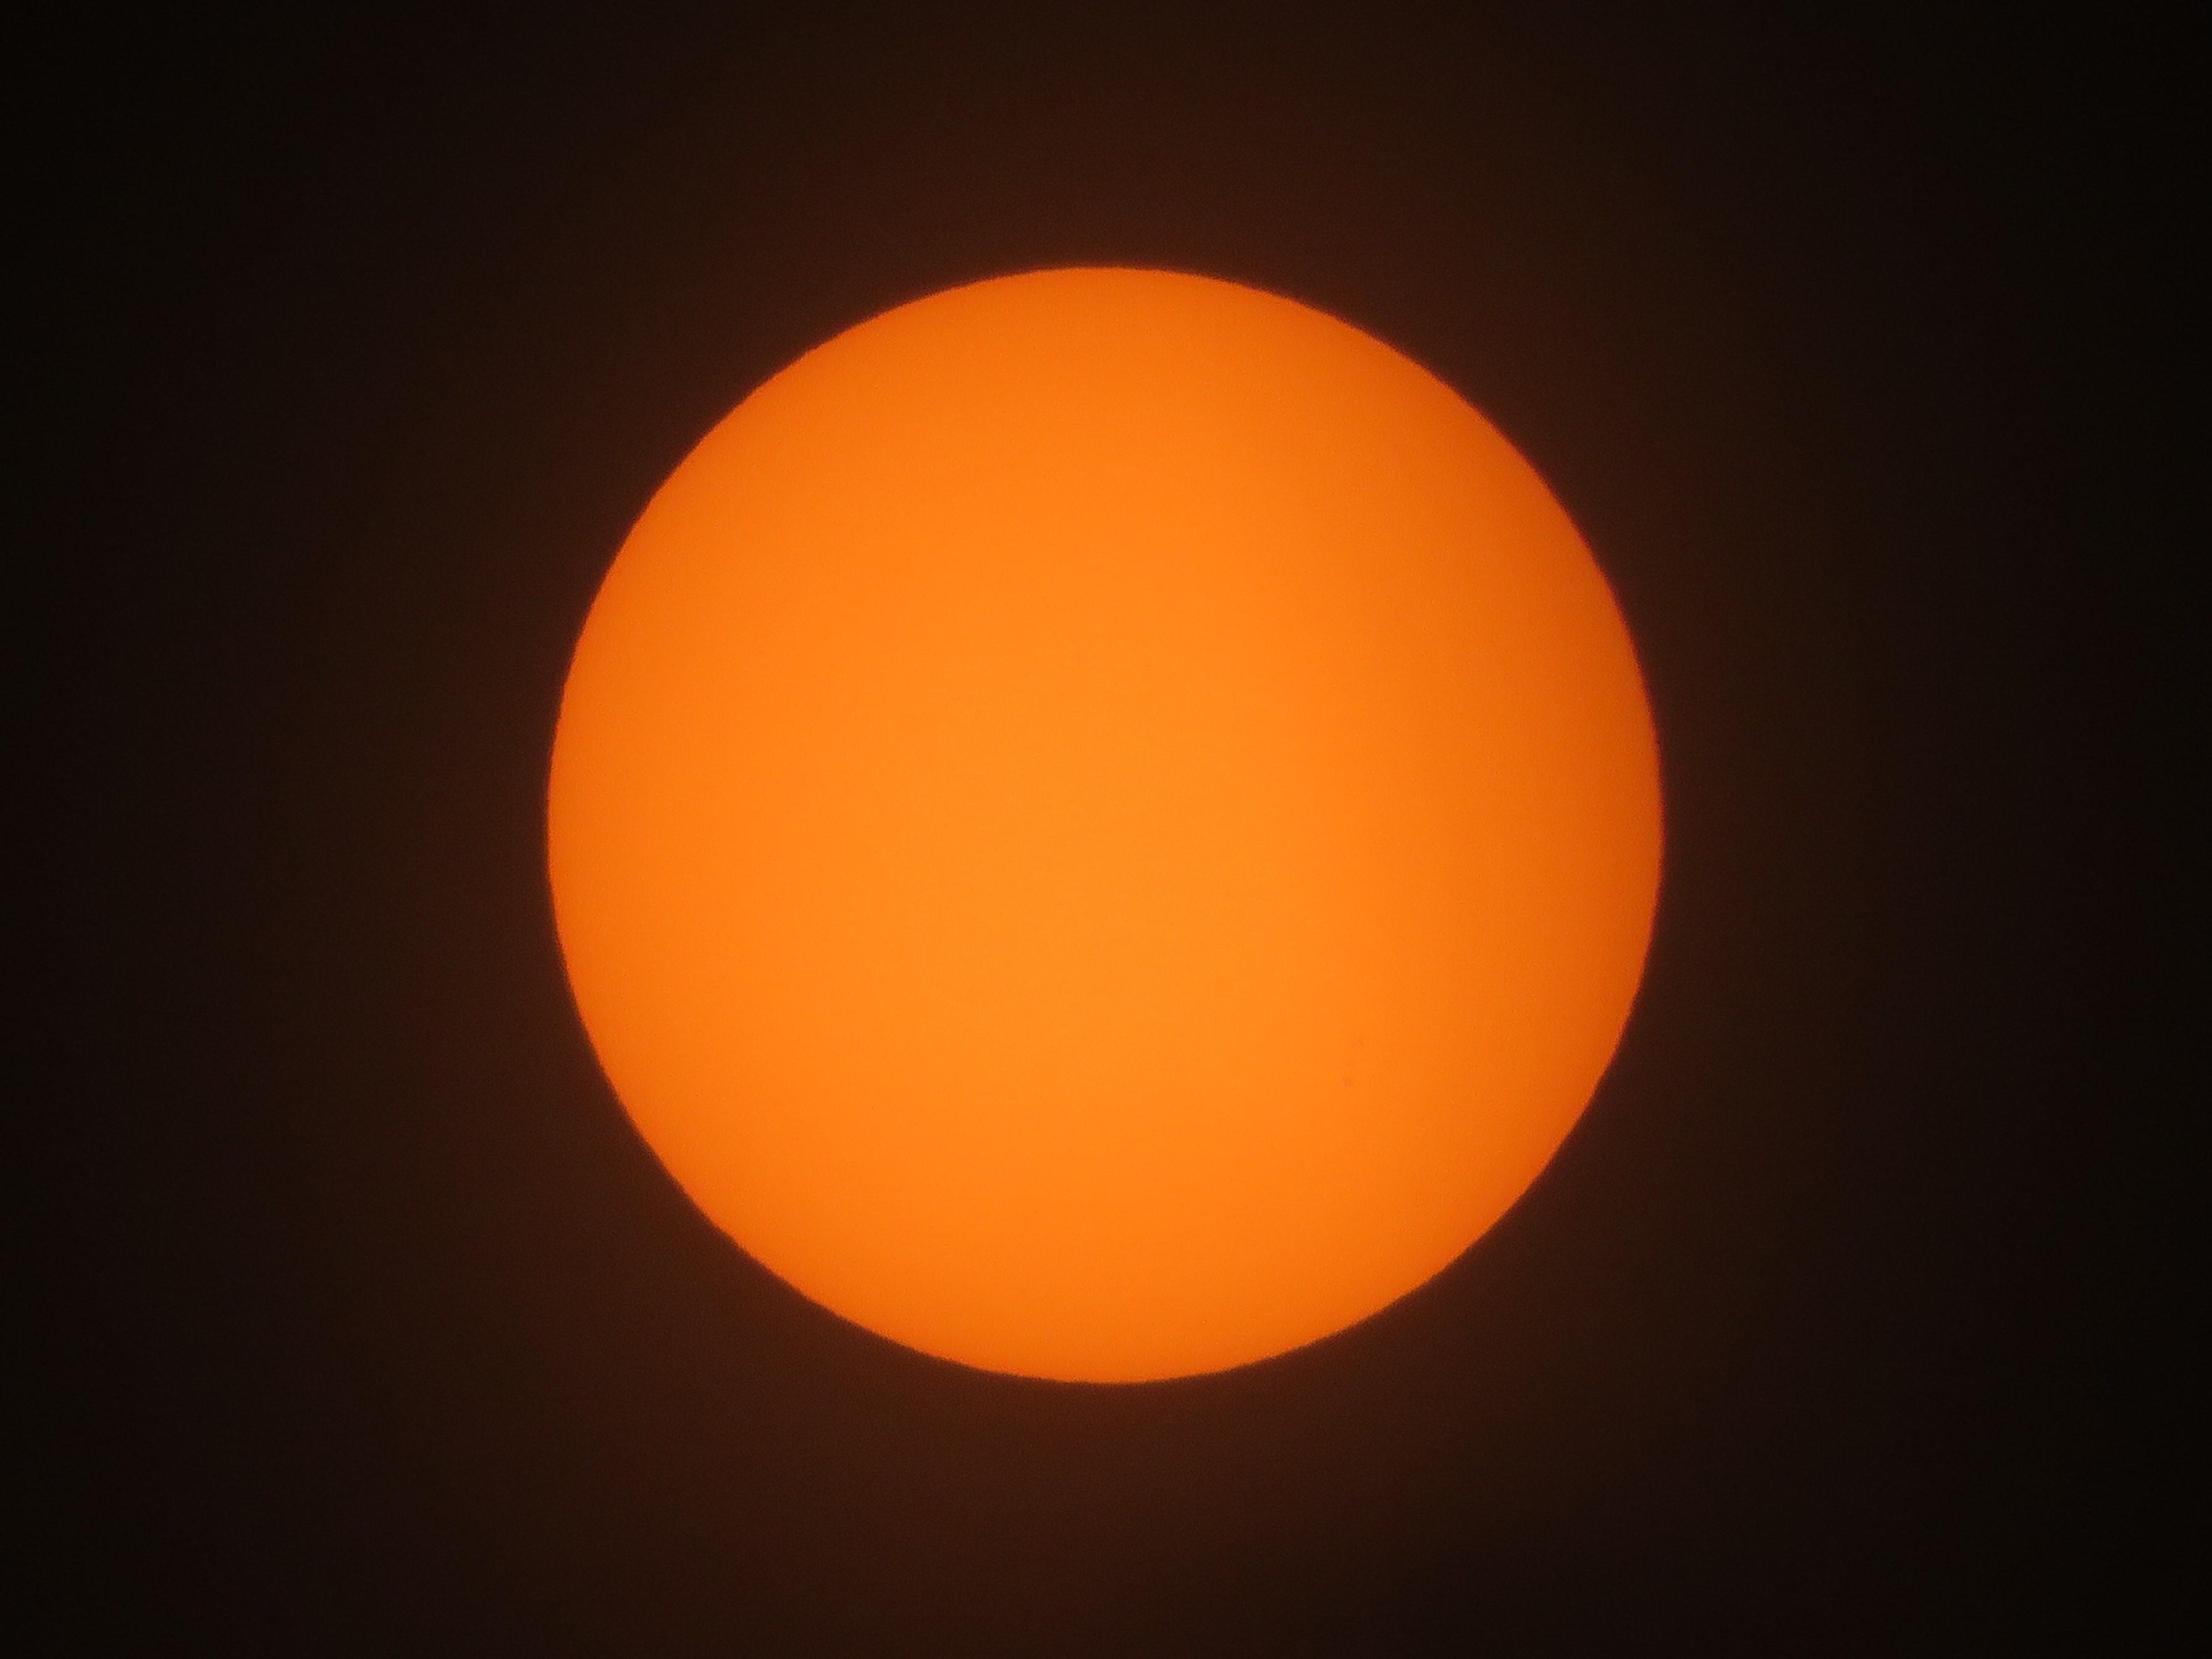 Equinox – Wikipedia Pertaining To Sunrise And Sunset Calendar 2021